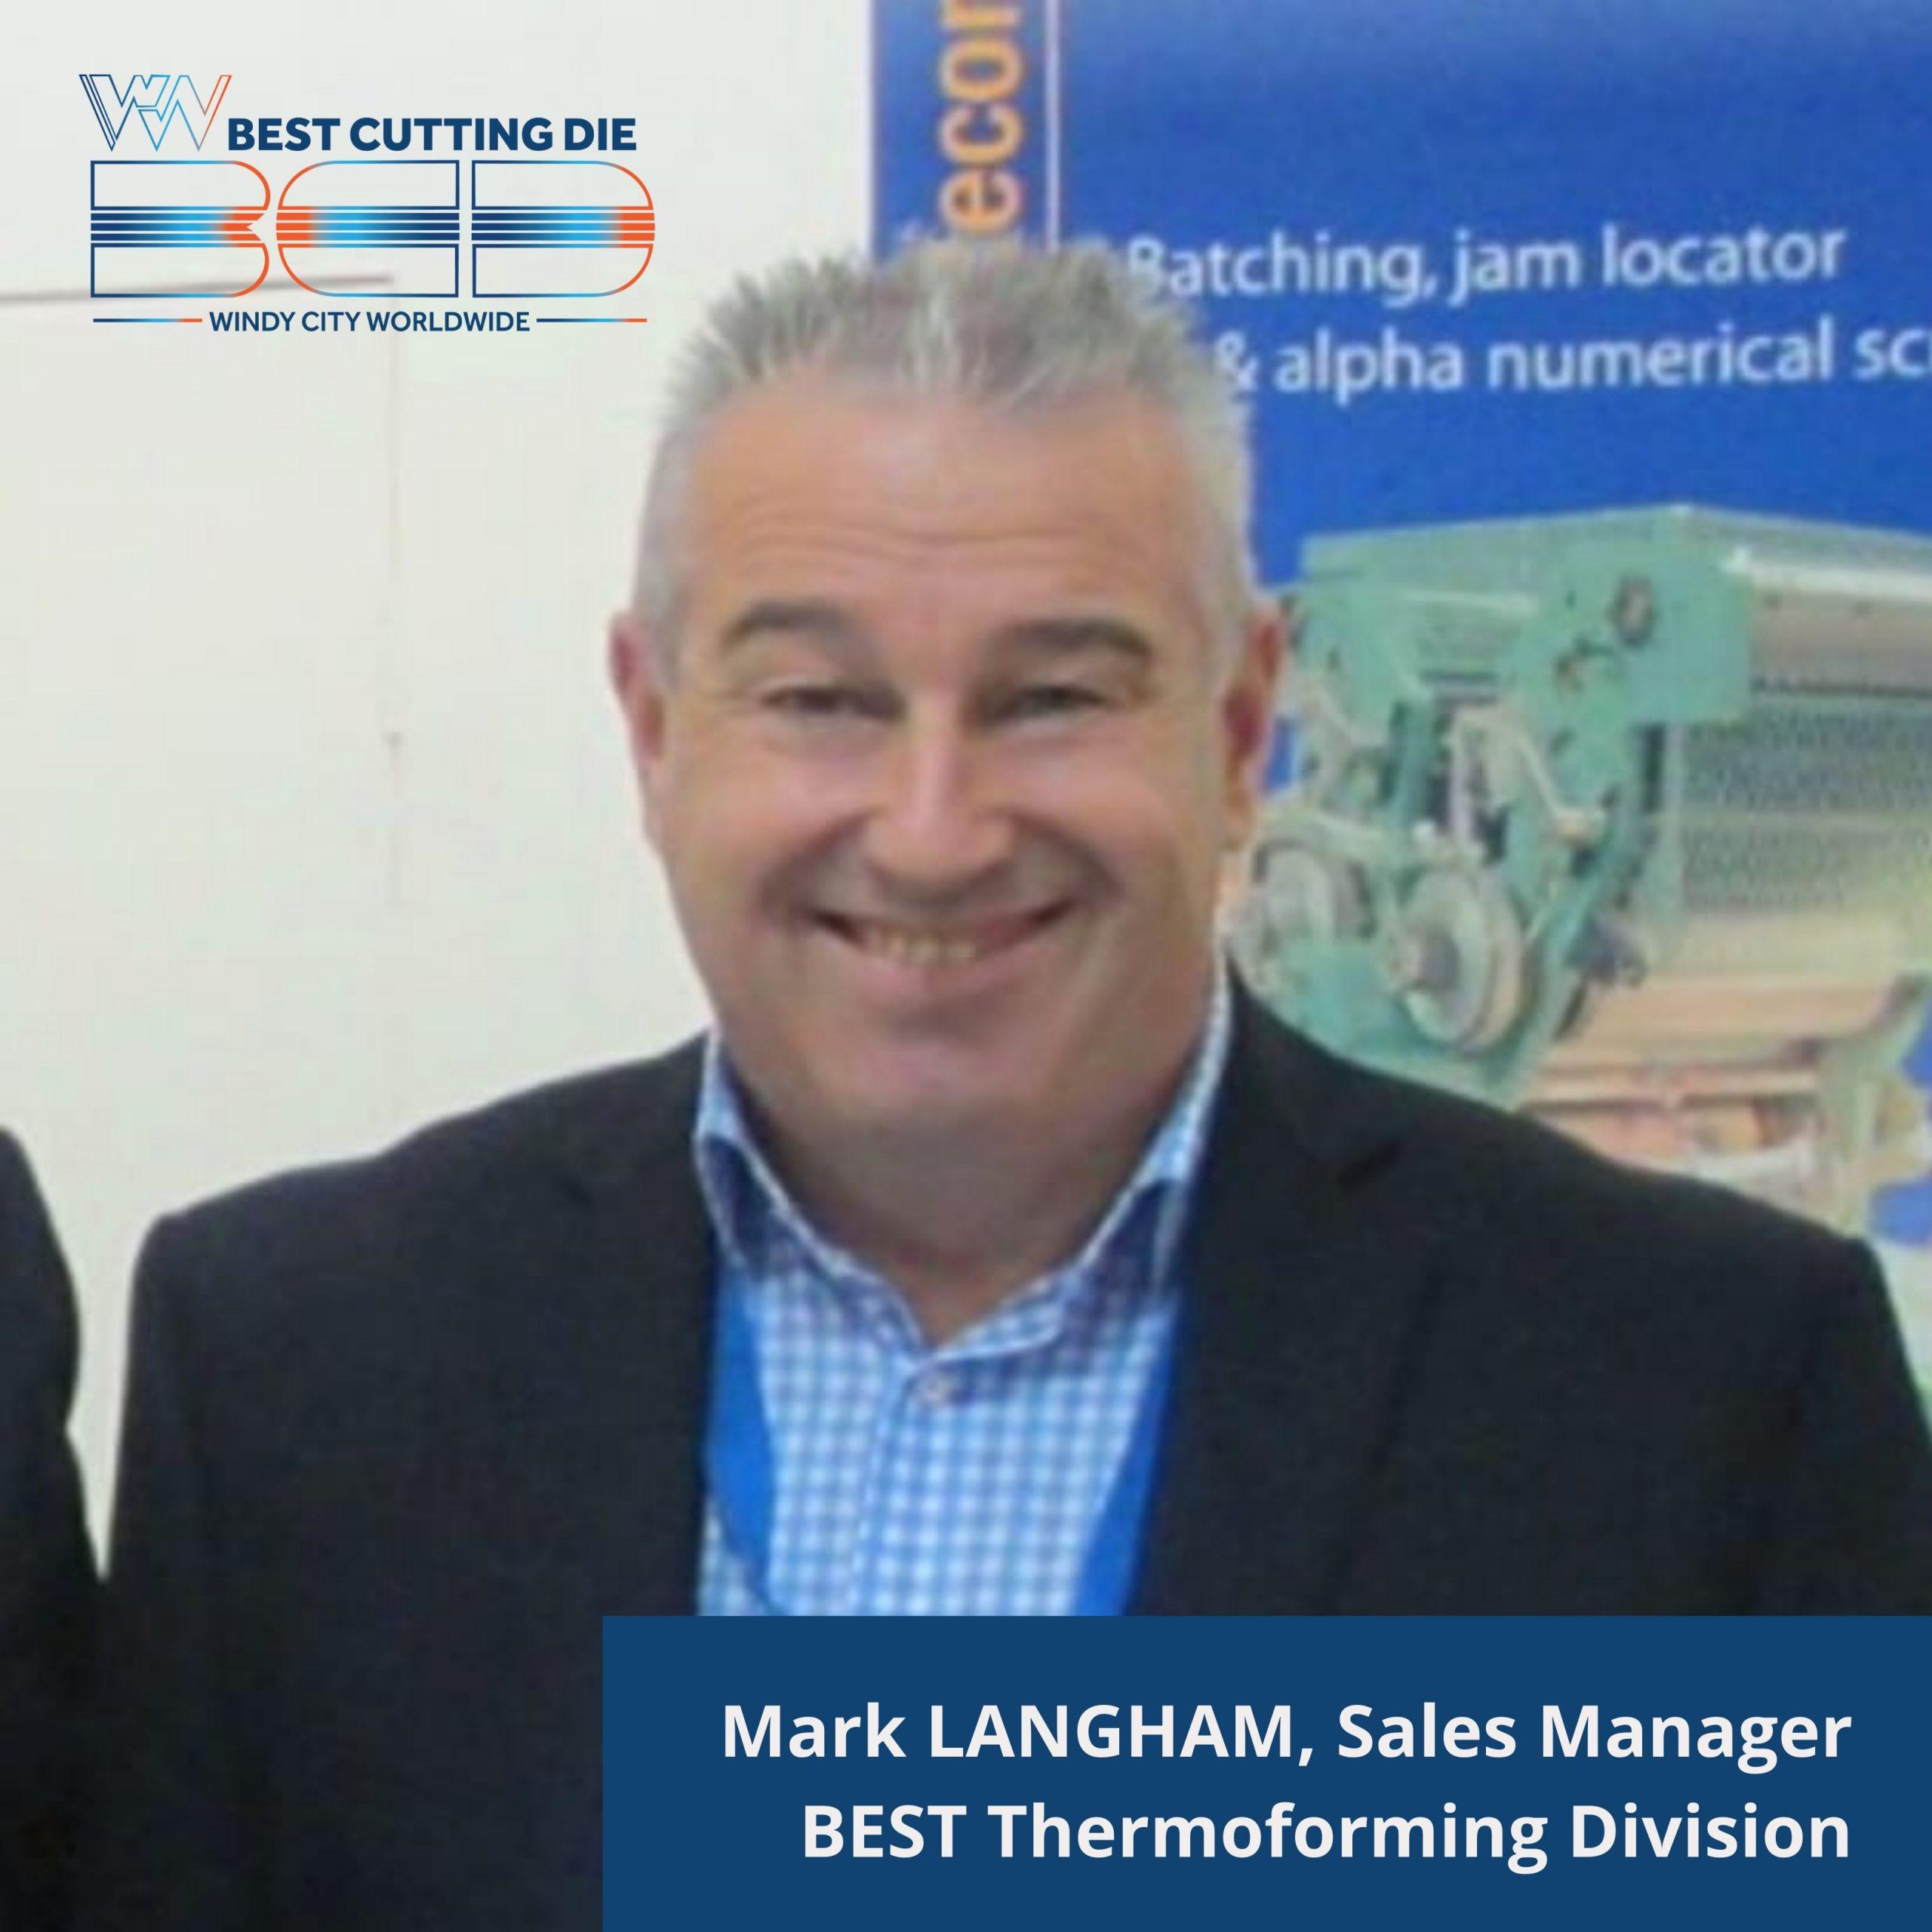 Mark Langham, Sales Manager